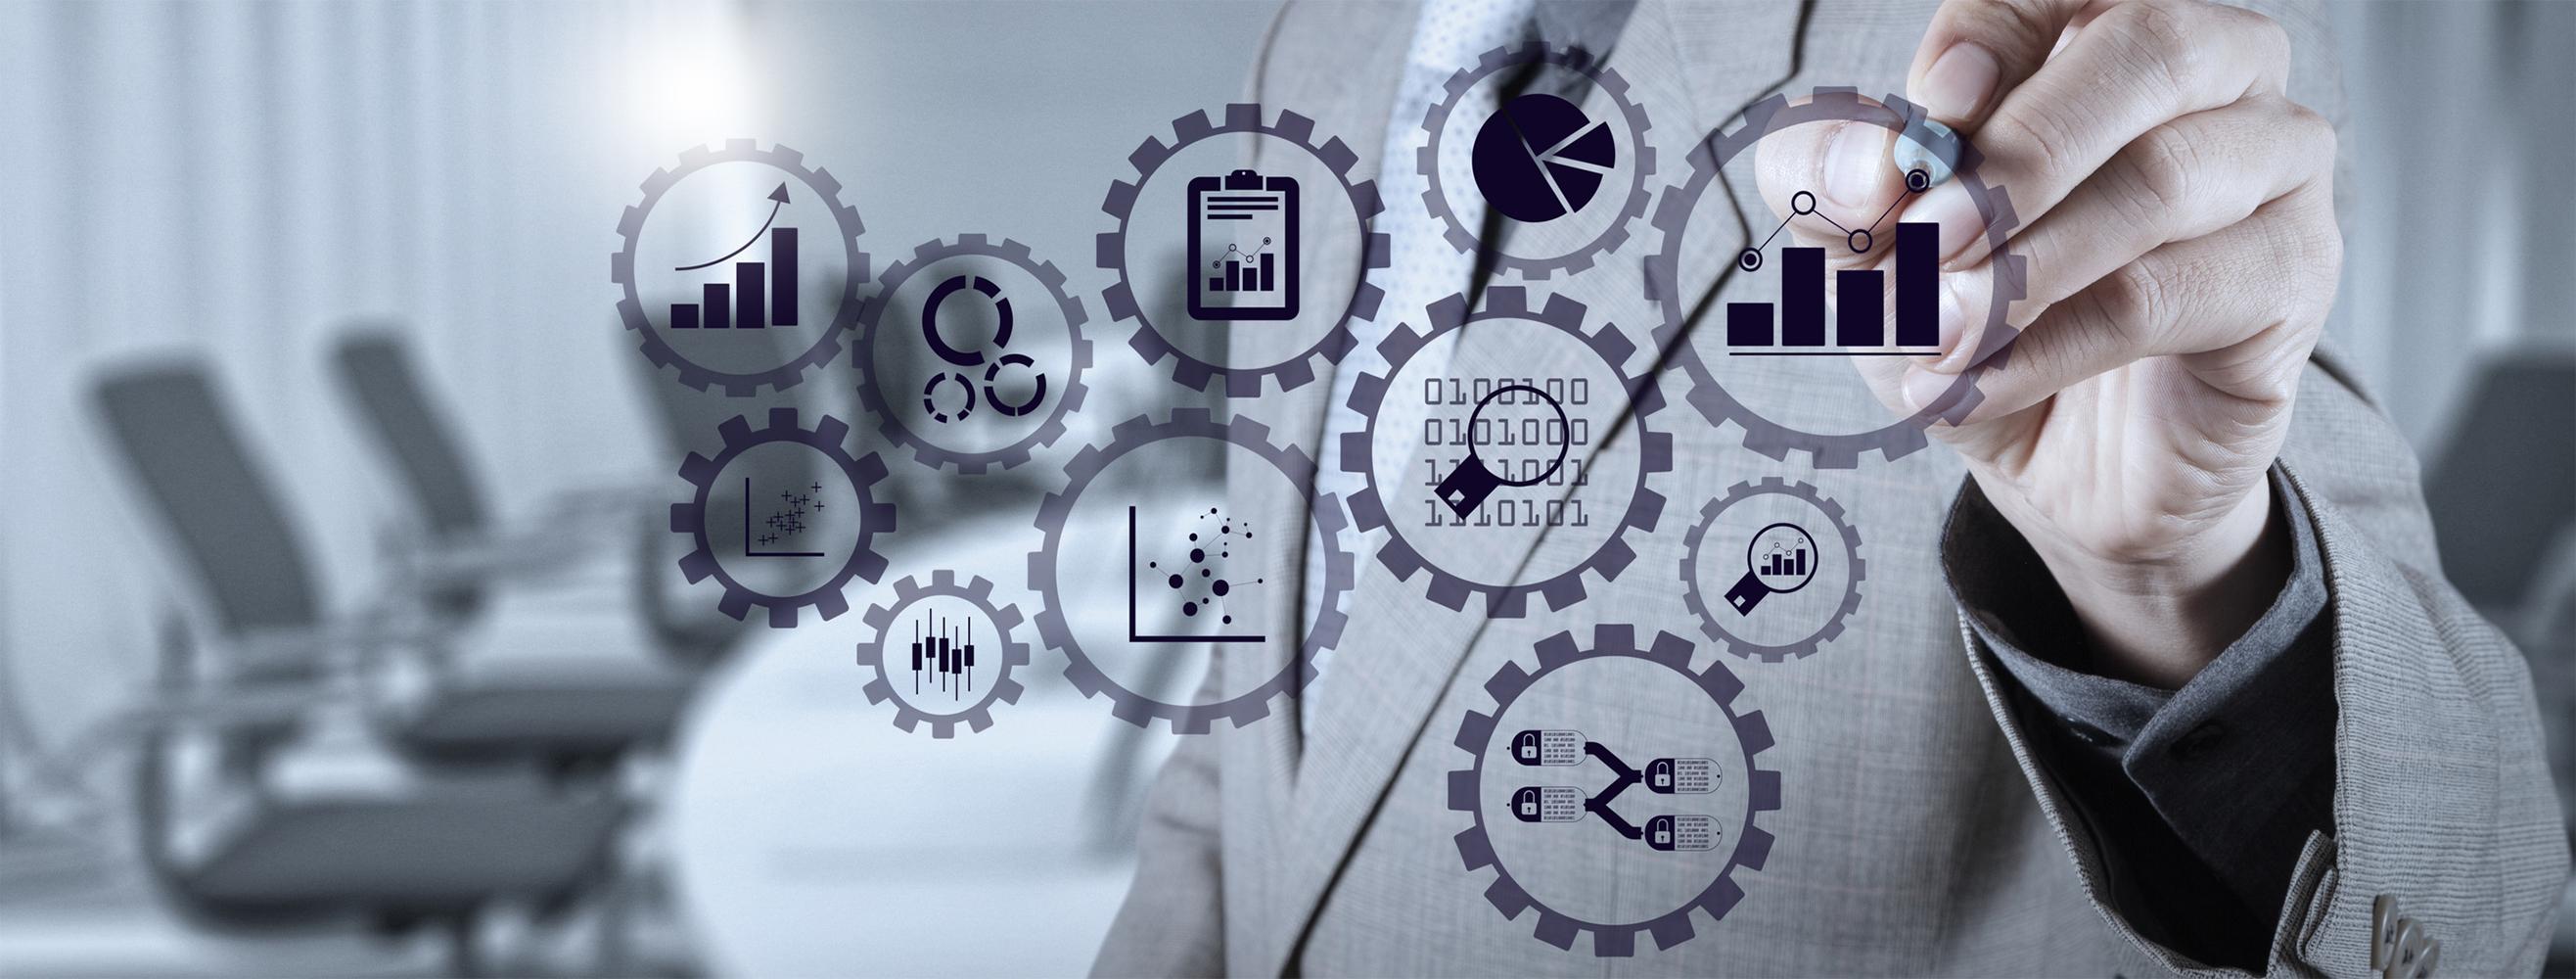 KVP, Lean-Management, Prozessoptimierung, Geschäftsoptimierung, Arbeitssicherheit, Arbeitssicherheitsmanagement,Personalmanagement